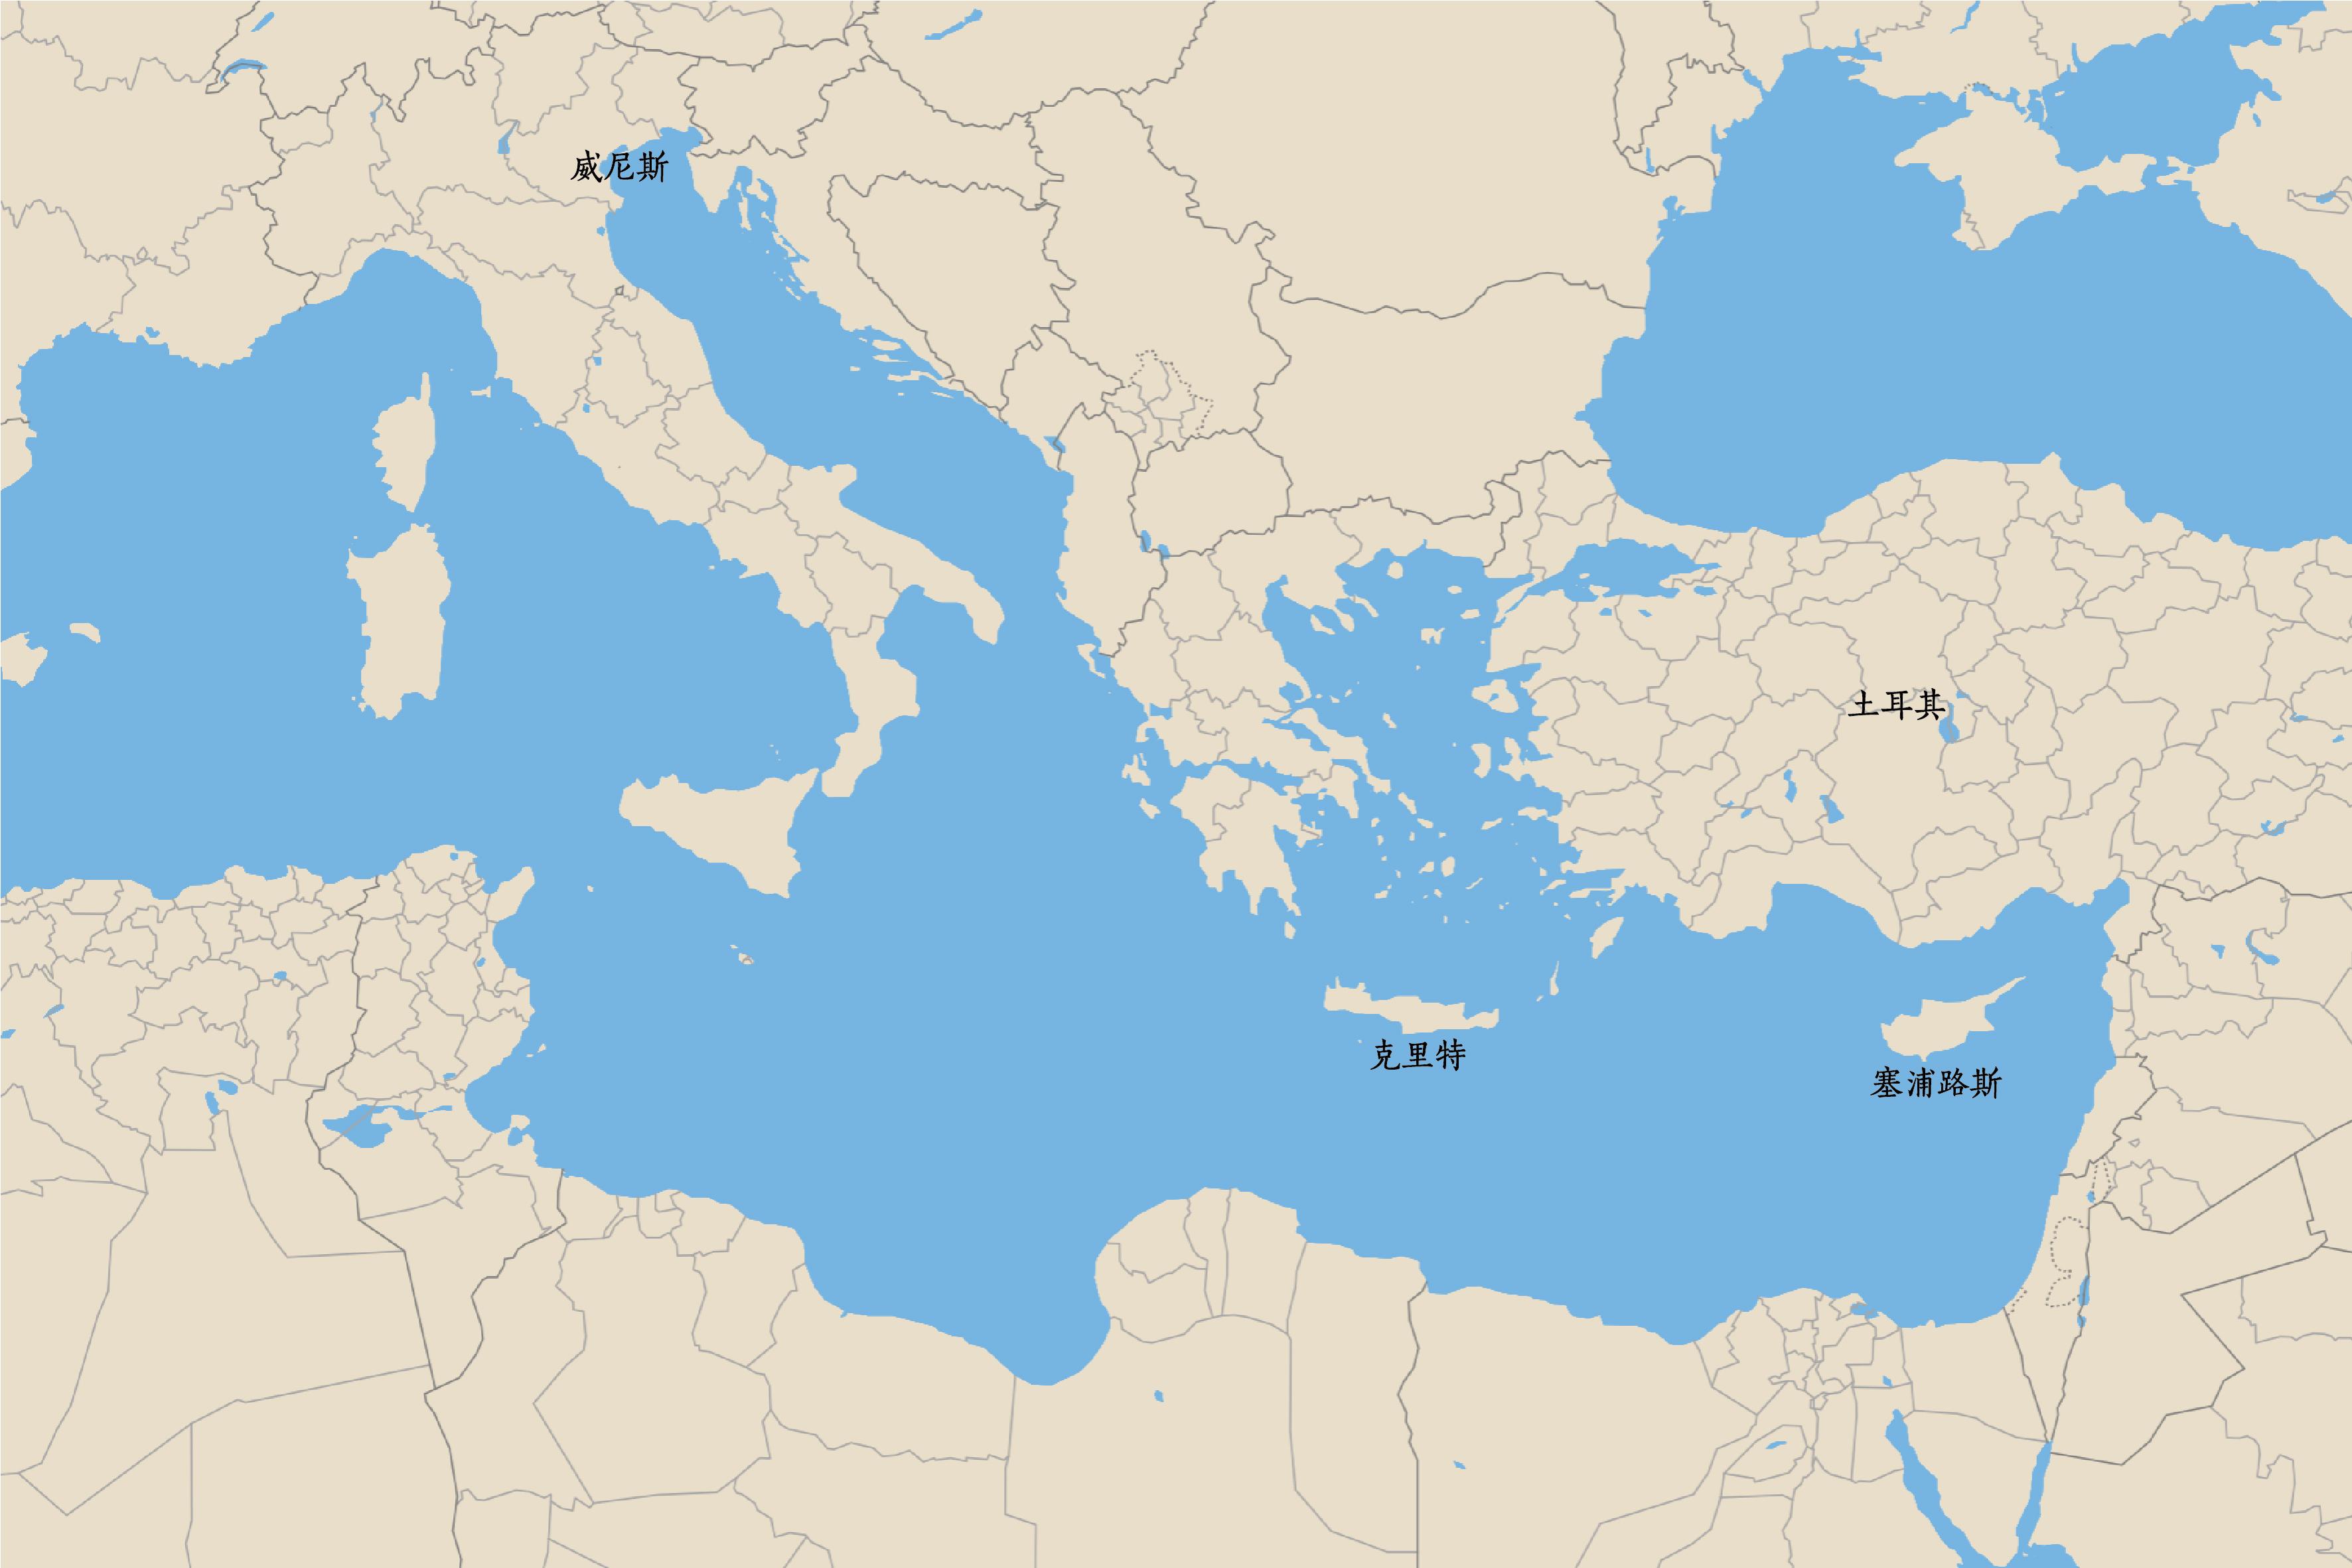 克里特、塞浦路斯位置图,底图来源:google地图图片